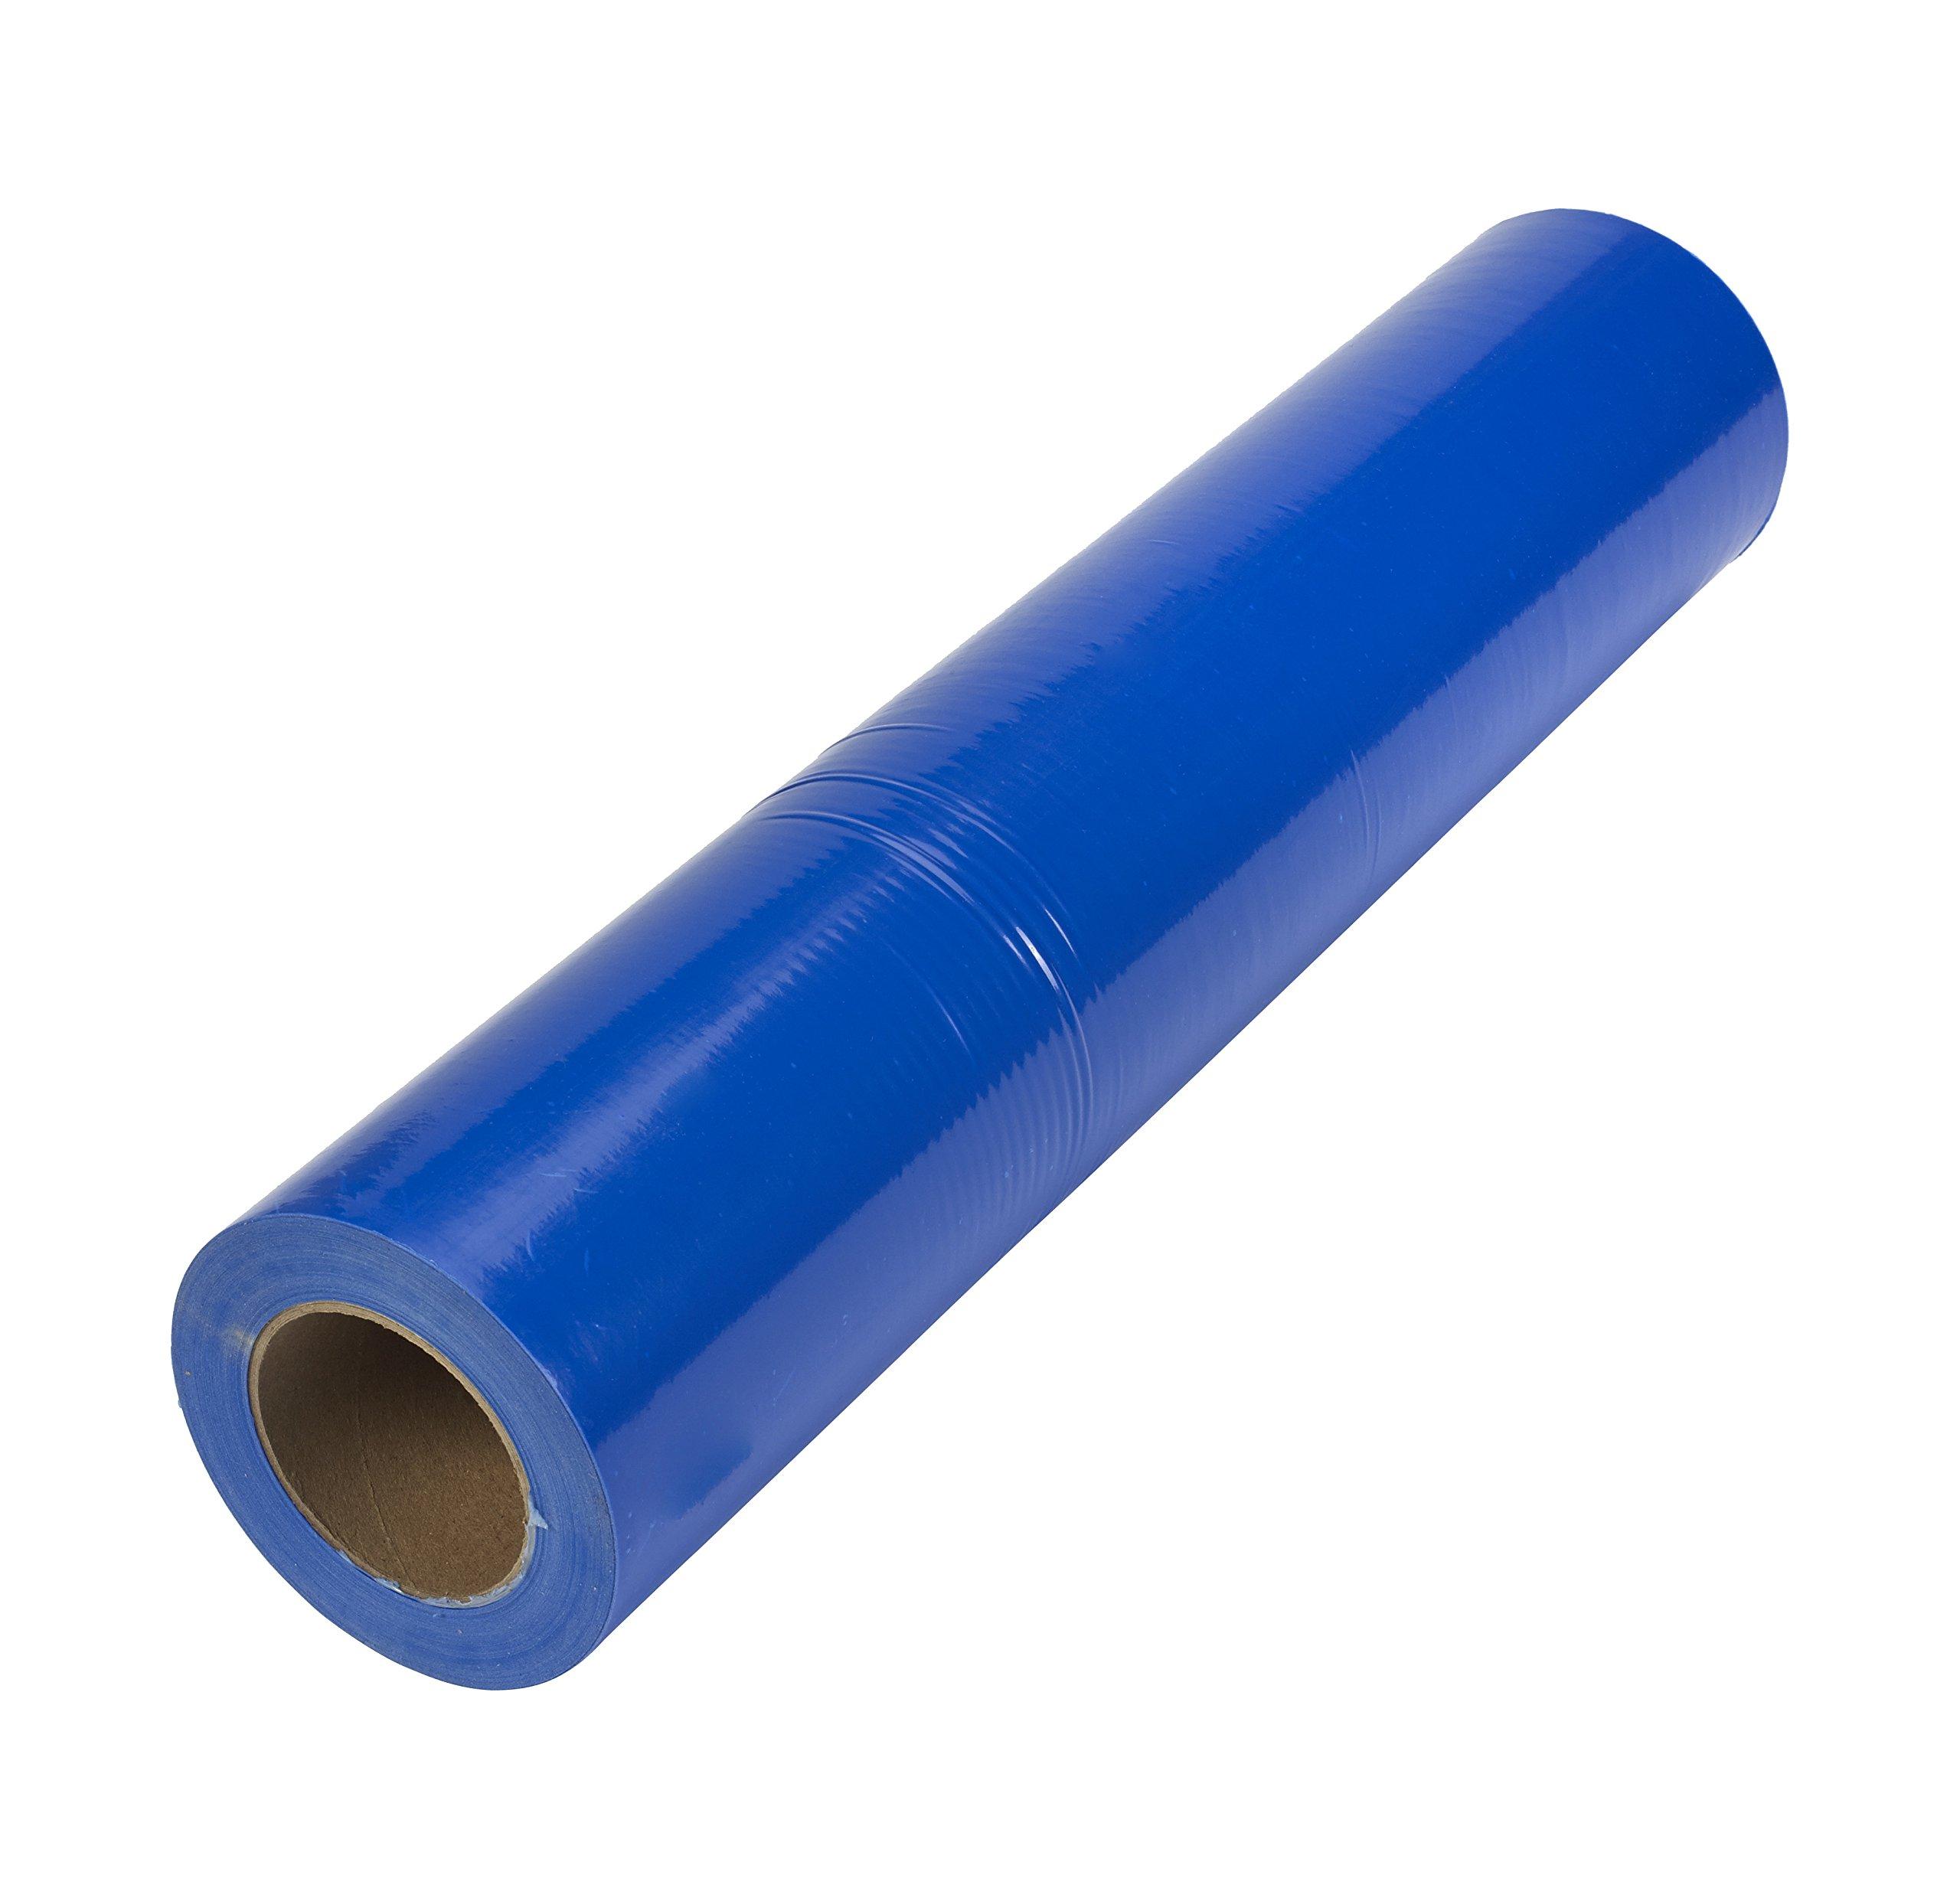 Mutual Industries 3230-0-0 Window Film, 24'' x 600', Blue